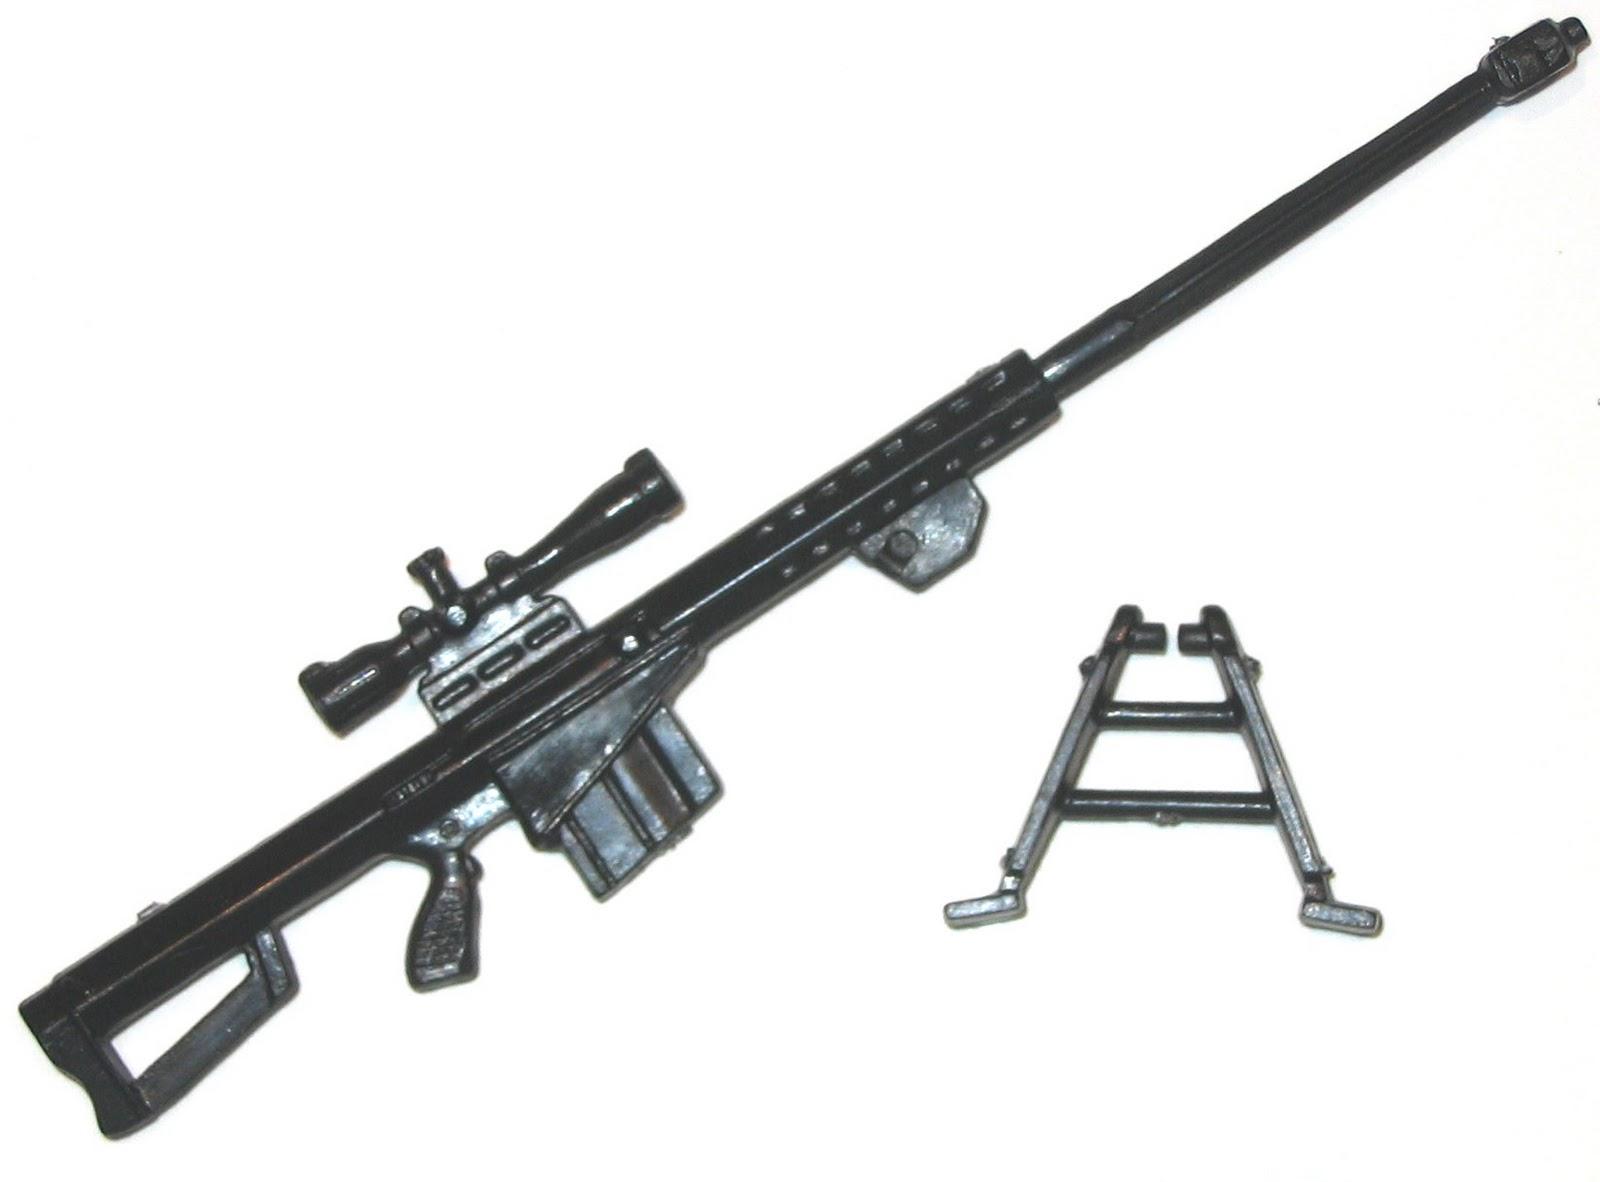 modern sniper rifles wallpapers guns wallpapers modern sniper rifles 1600x1182